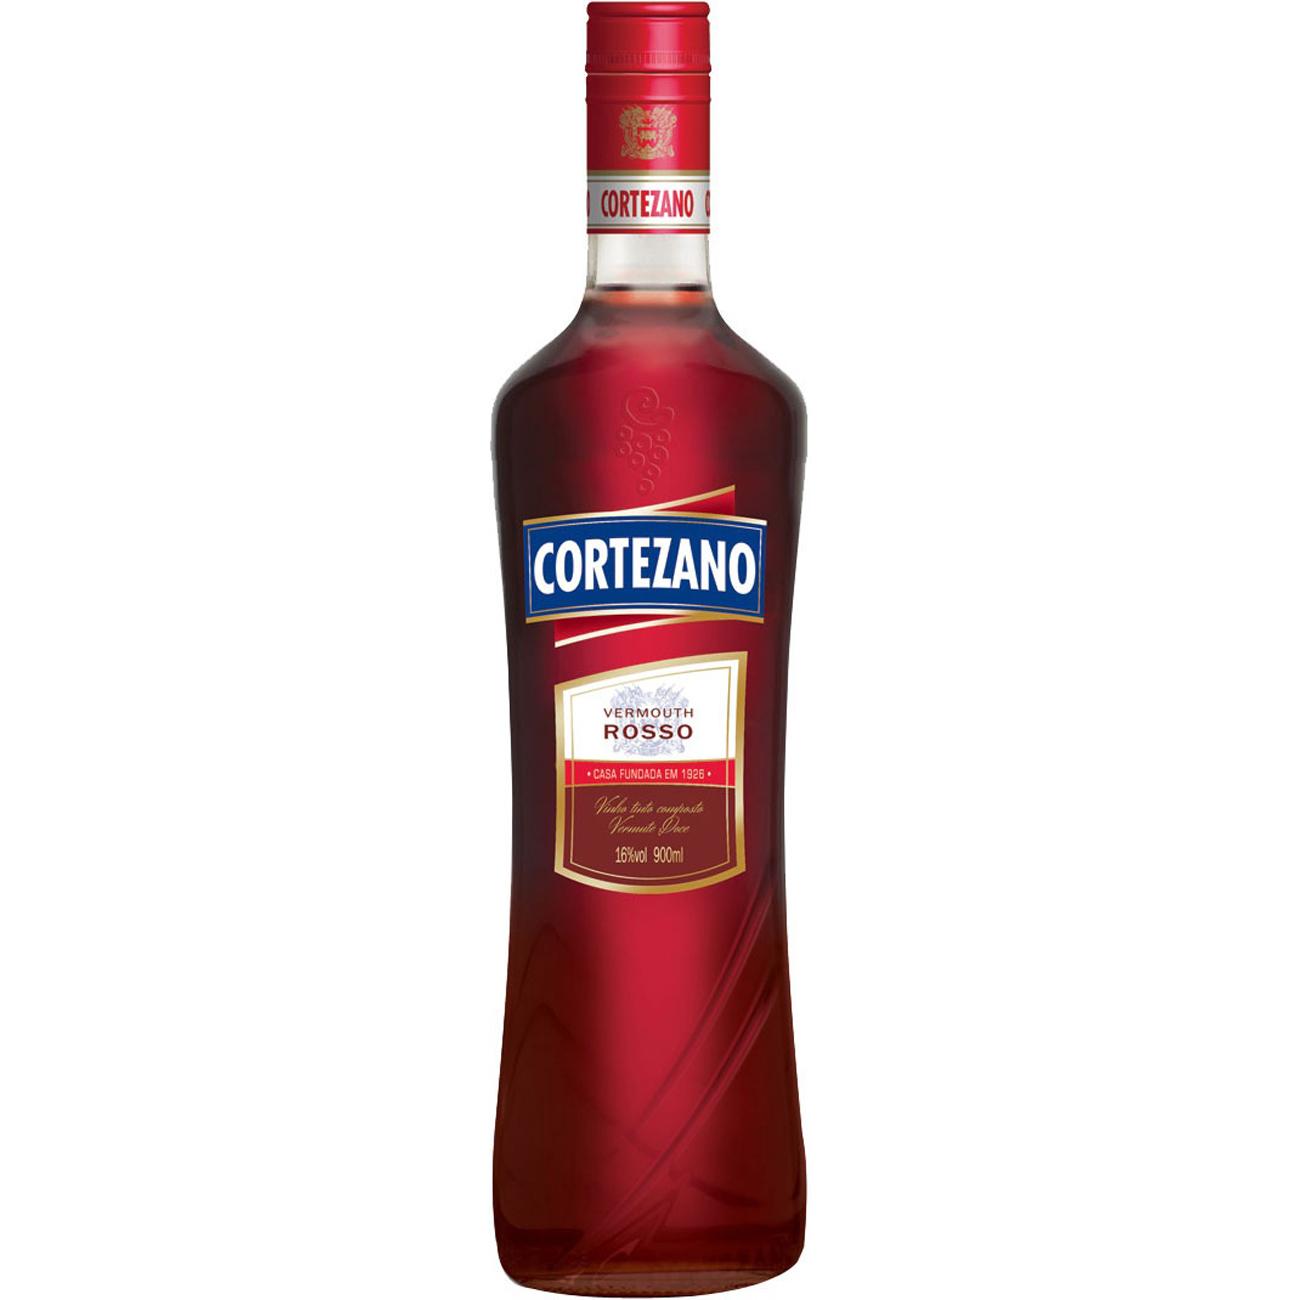 Vermouth Cortezano Tinto 900 ml